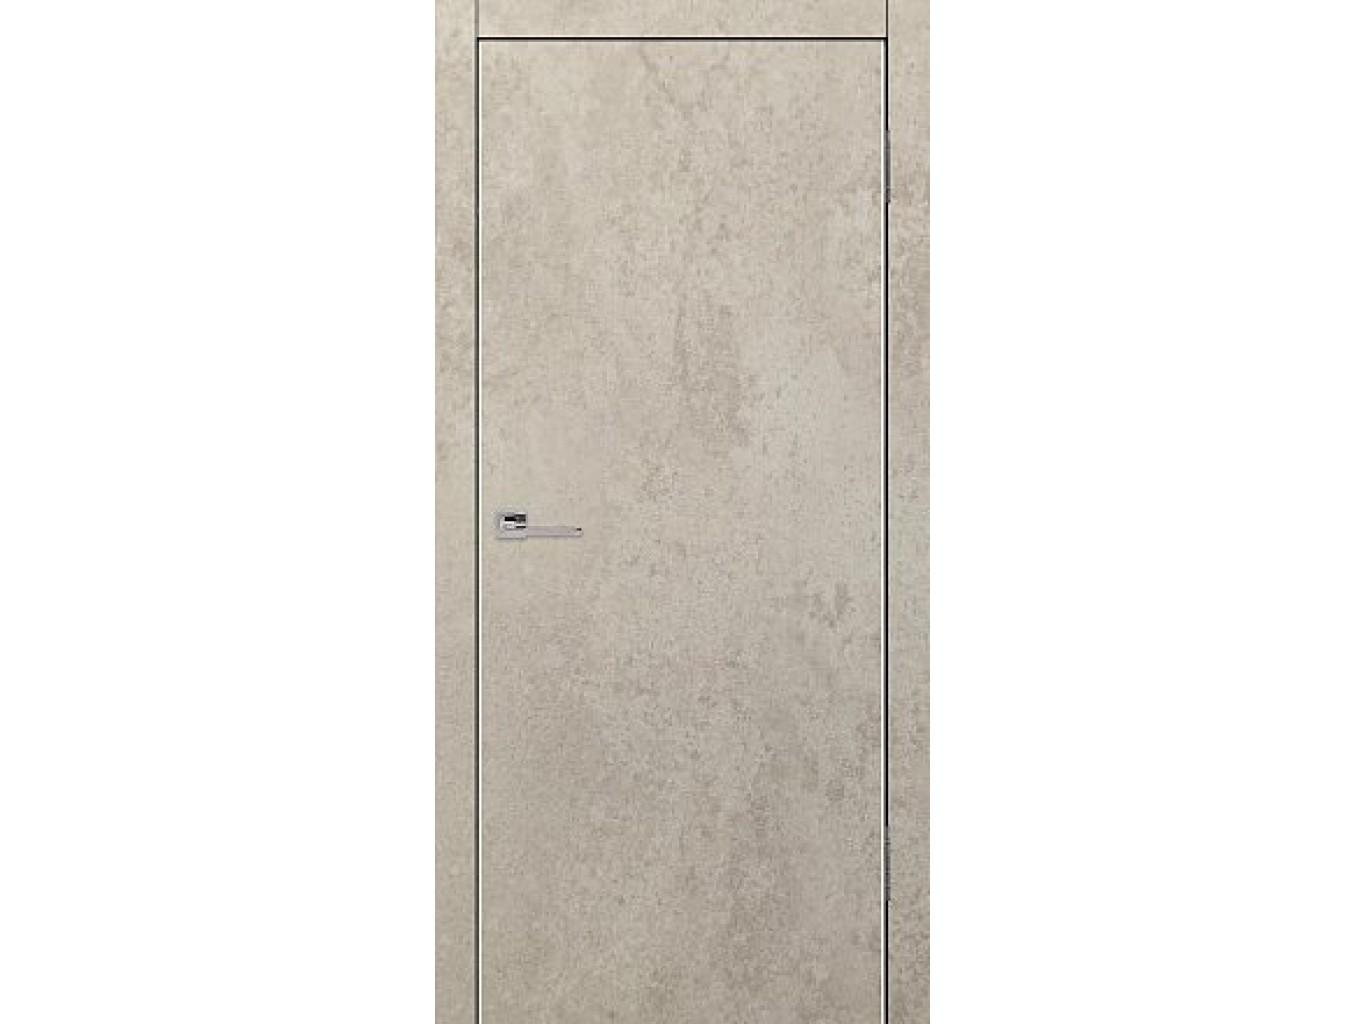 Дверь из бетона железооксидный пигмент для бетона купить